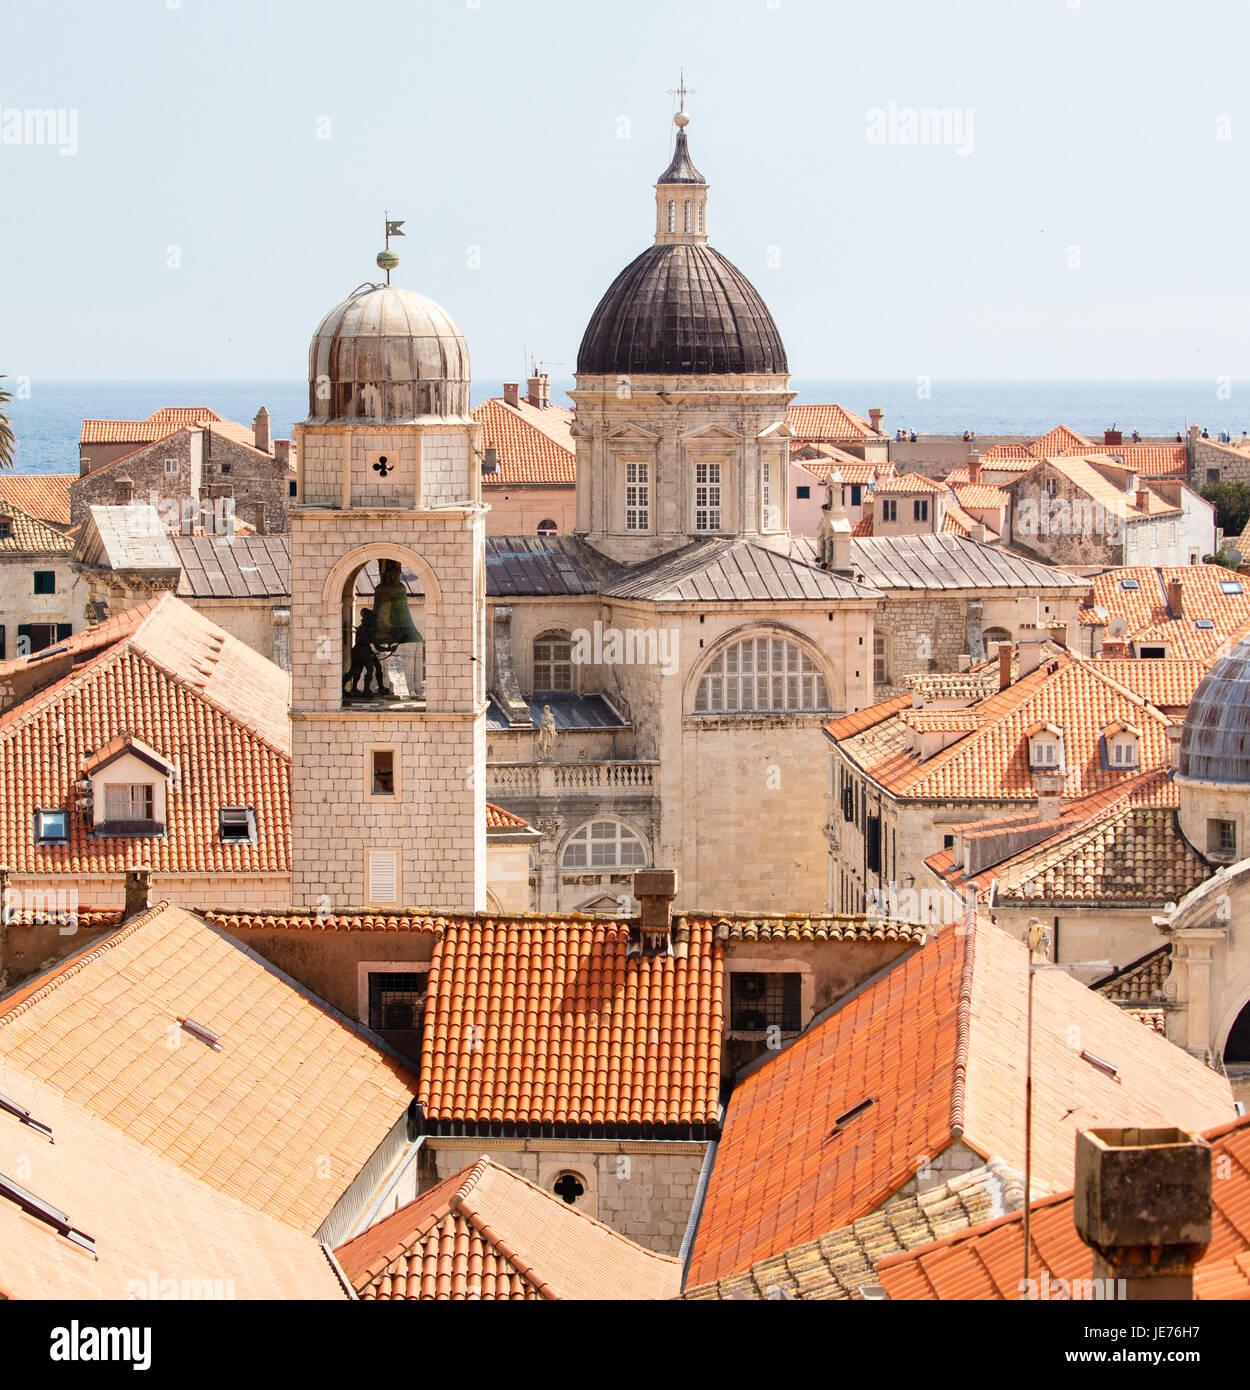 La Torre Campanario y catedral desde las murallas de la ciudad medieval de Dubrovnik, en la costa dálmata de Croacia Foto de stock